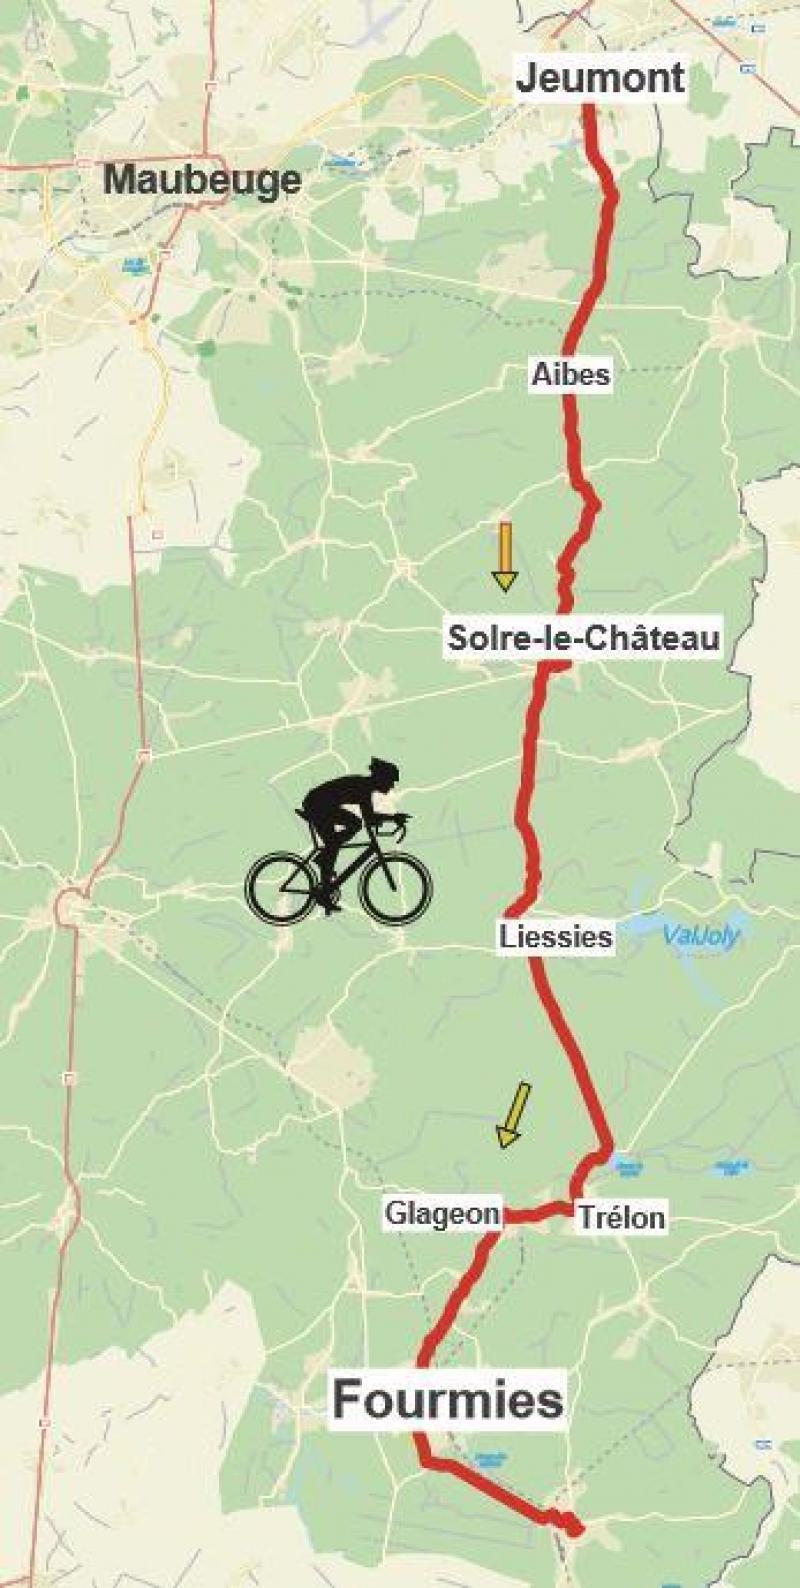 Tour De France 2019 Parcours Horaires Tout Ce Qu Il Faut